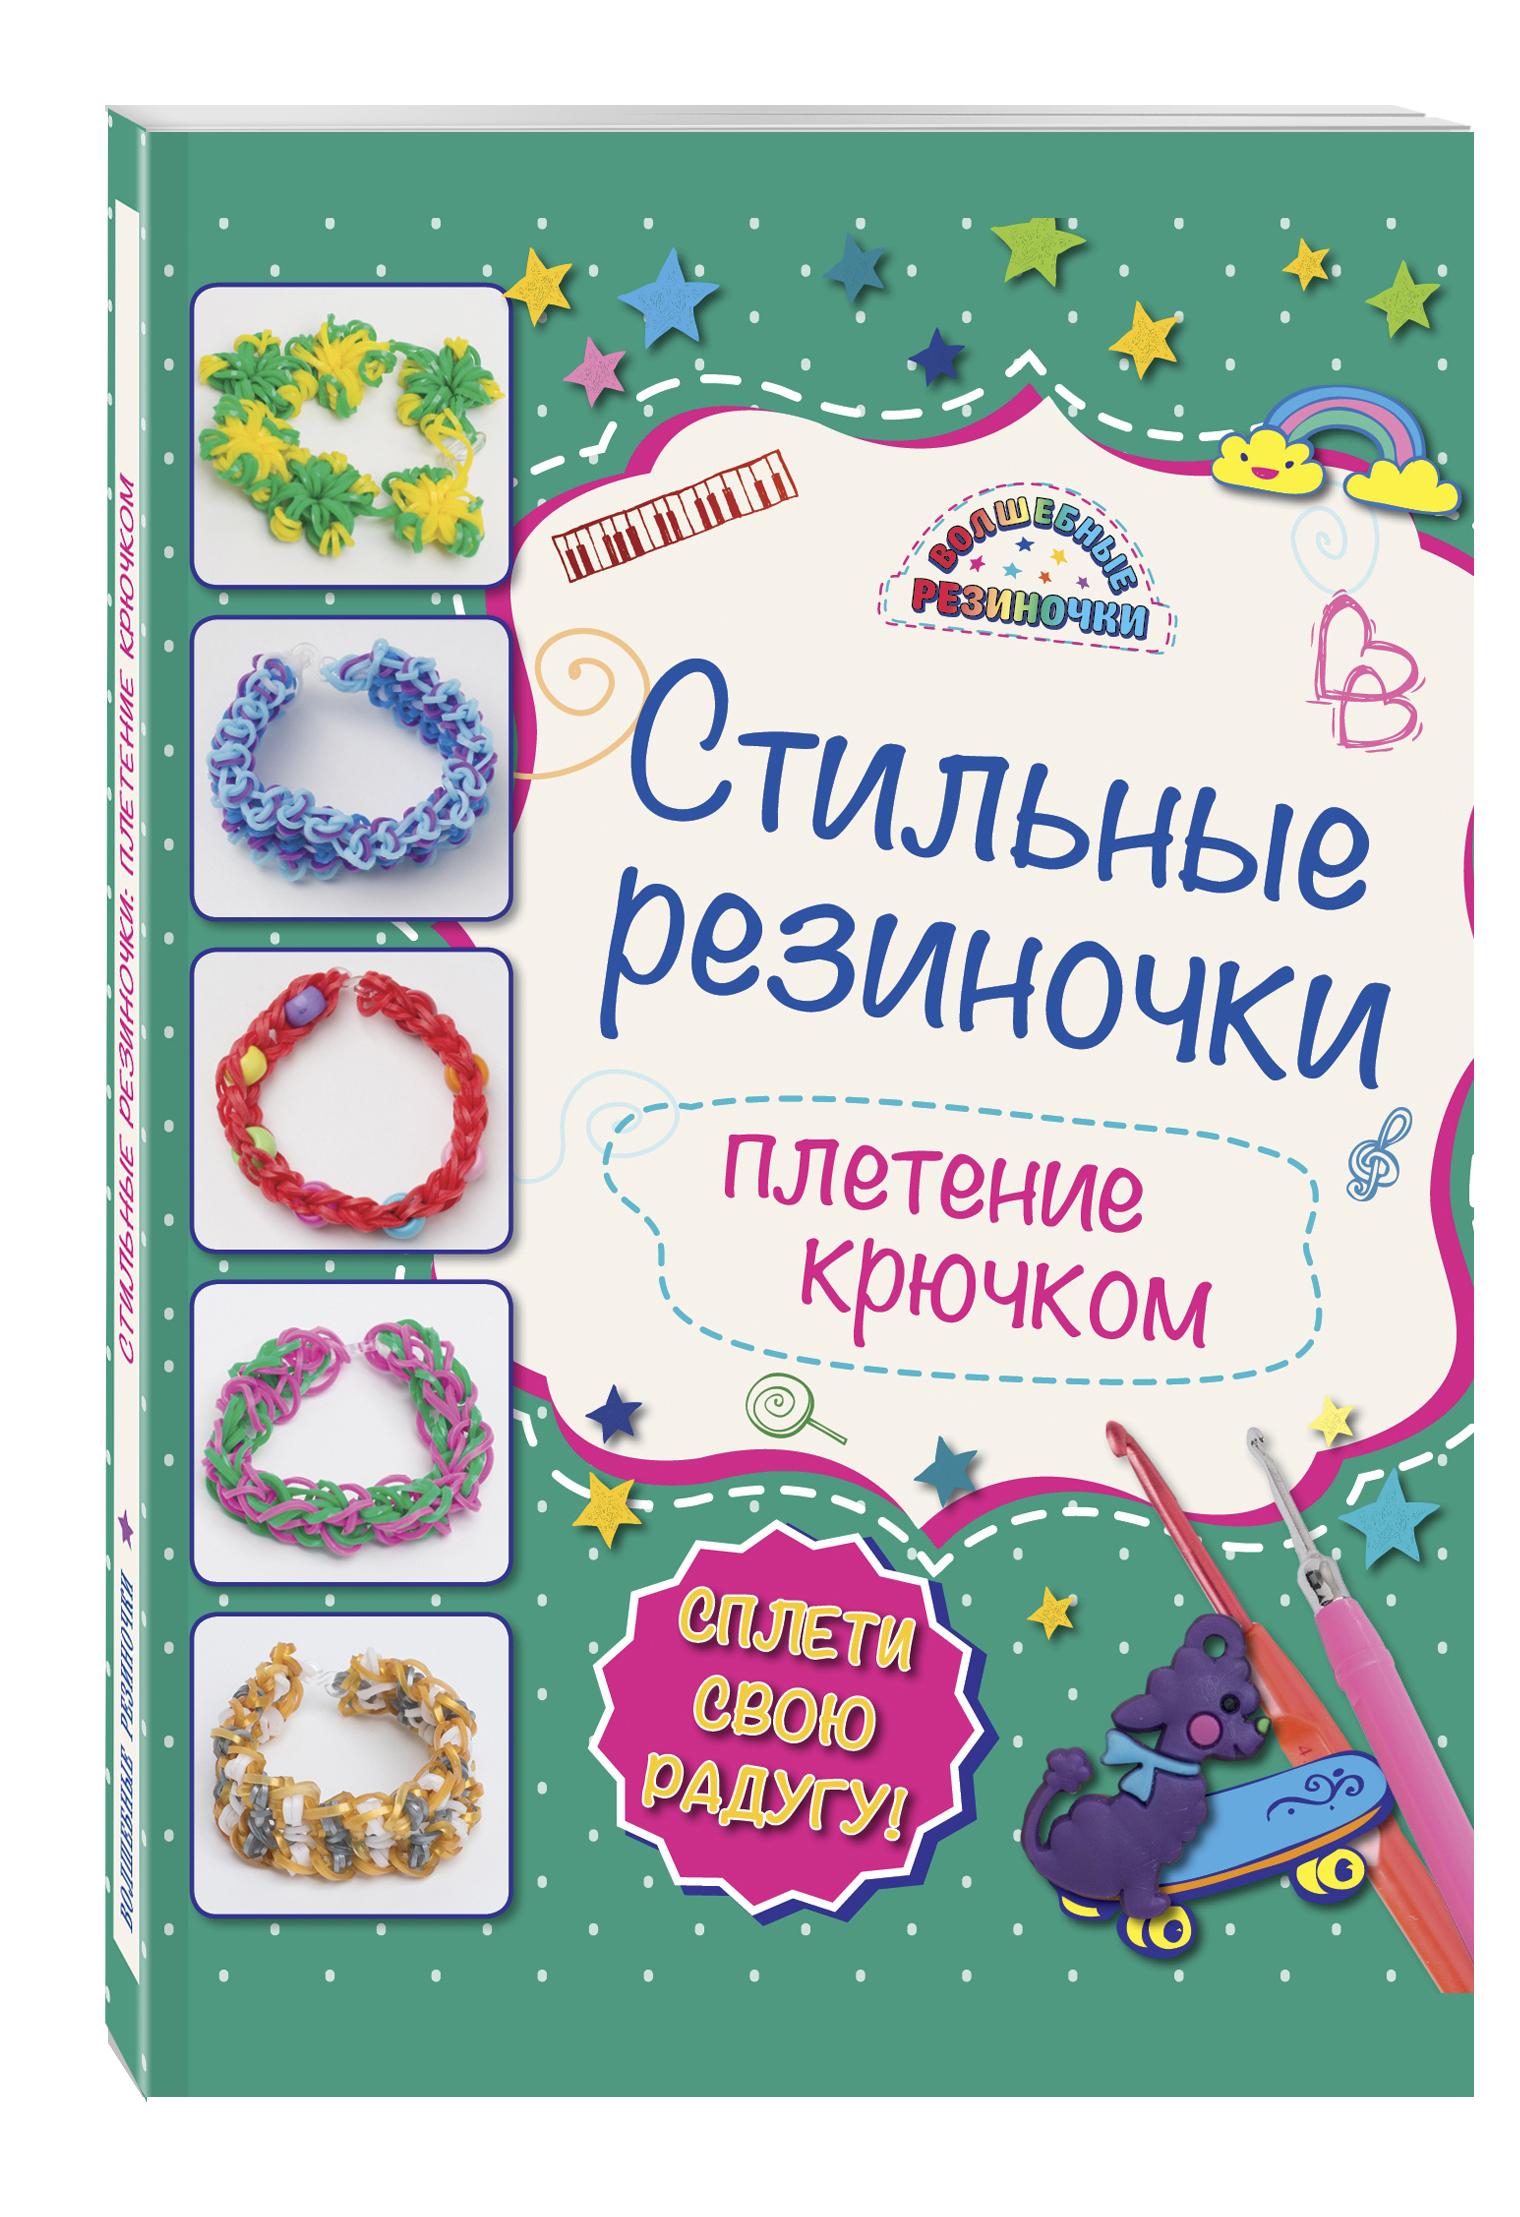 Скуратович К.Р. Стильные резиночки: плетение крючком